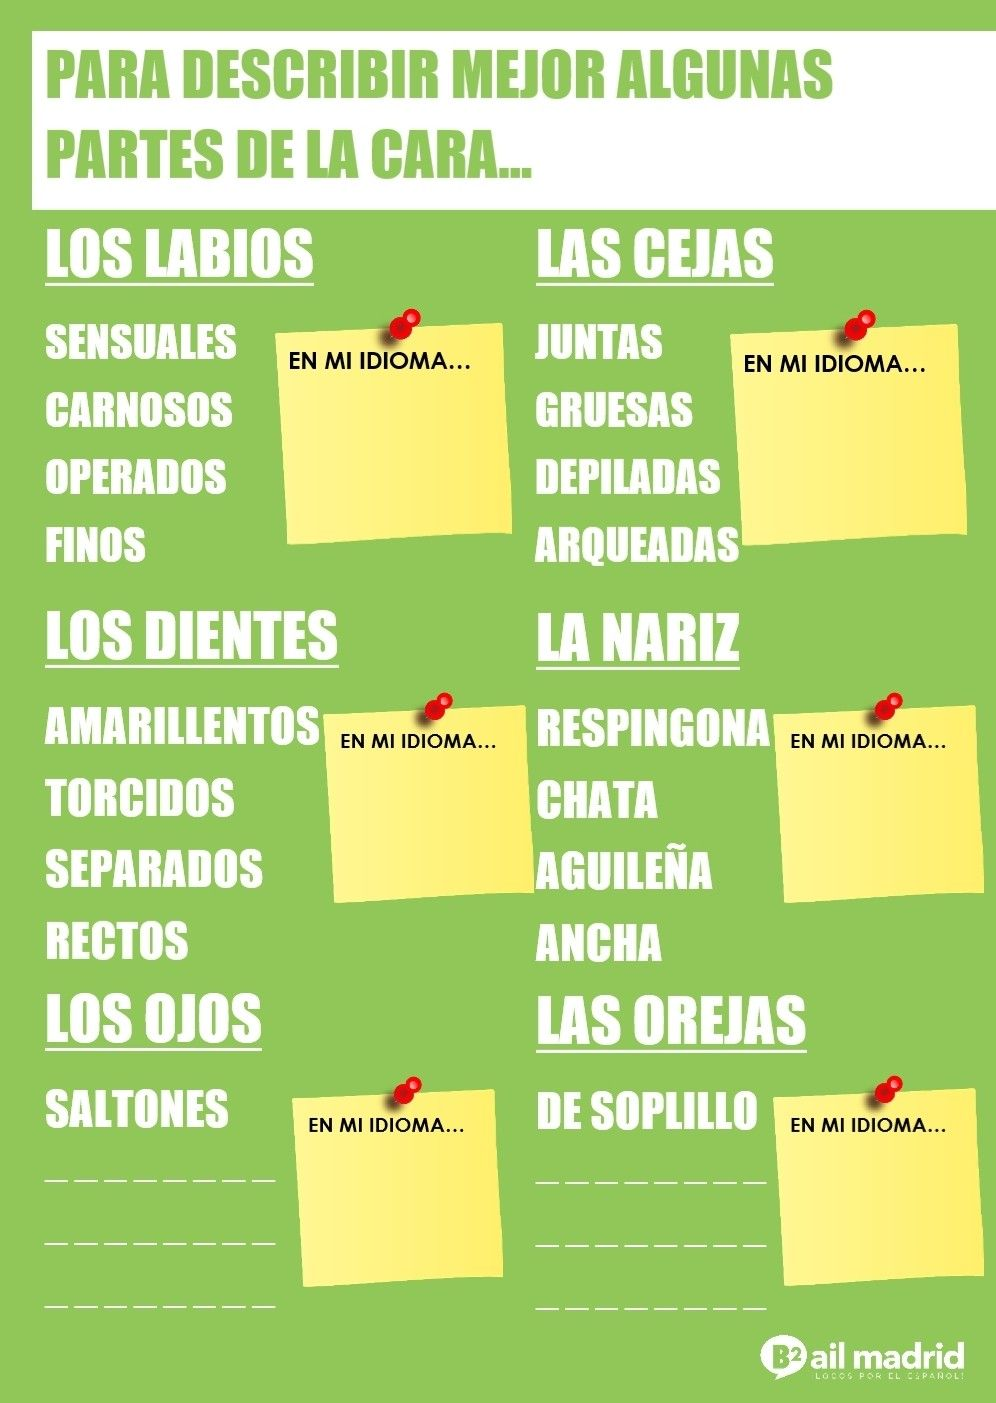 Para Aprender Vocabulario Descriptivo Más Preciso De Algunas Partes De La Cara Apréndete Esta Chuleta Y Complétala Con Otras Palabras Para Practicar Espagnol